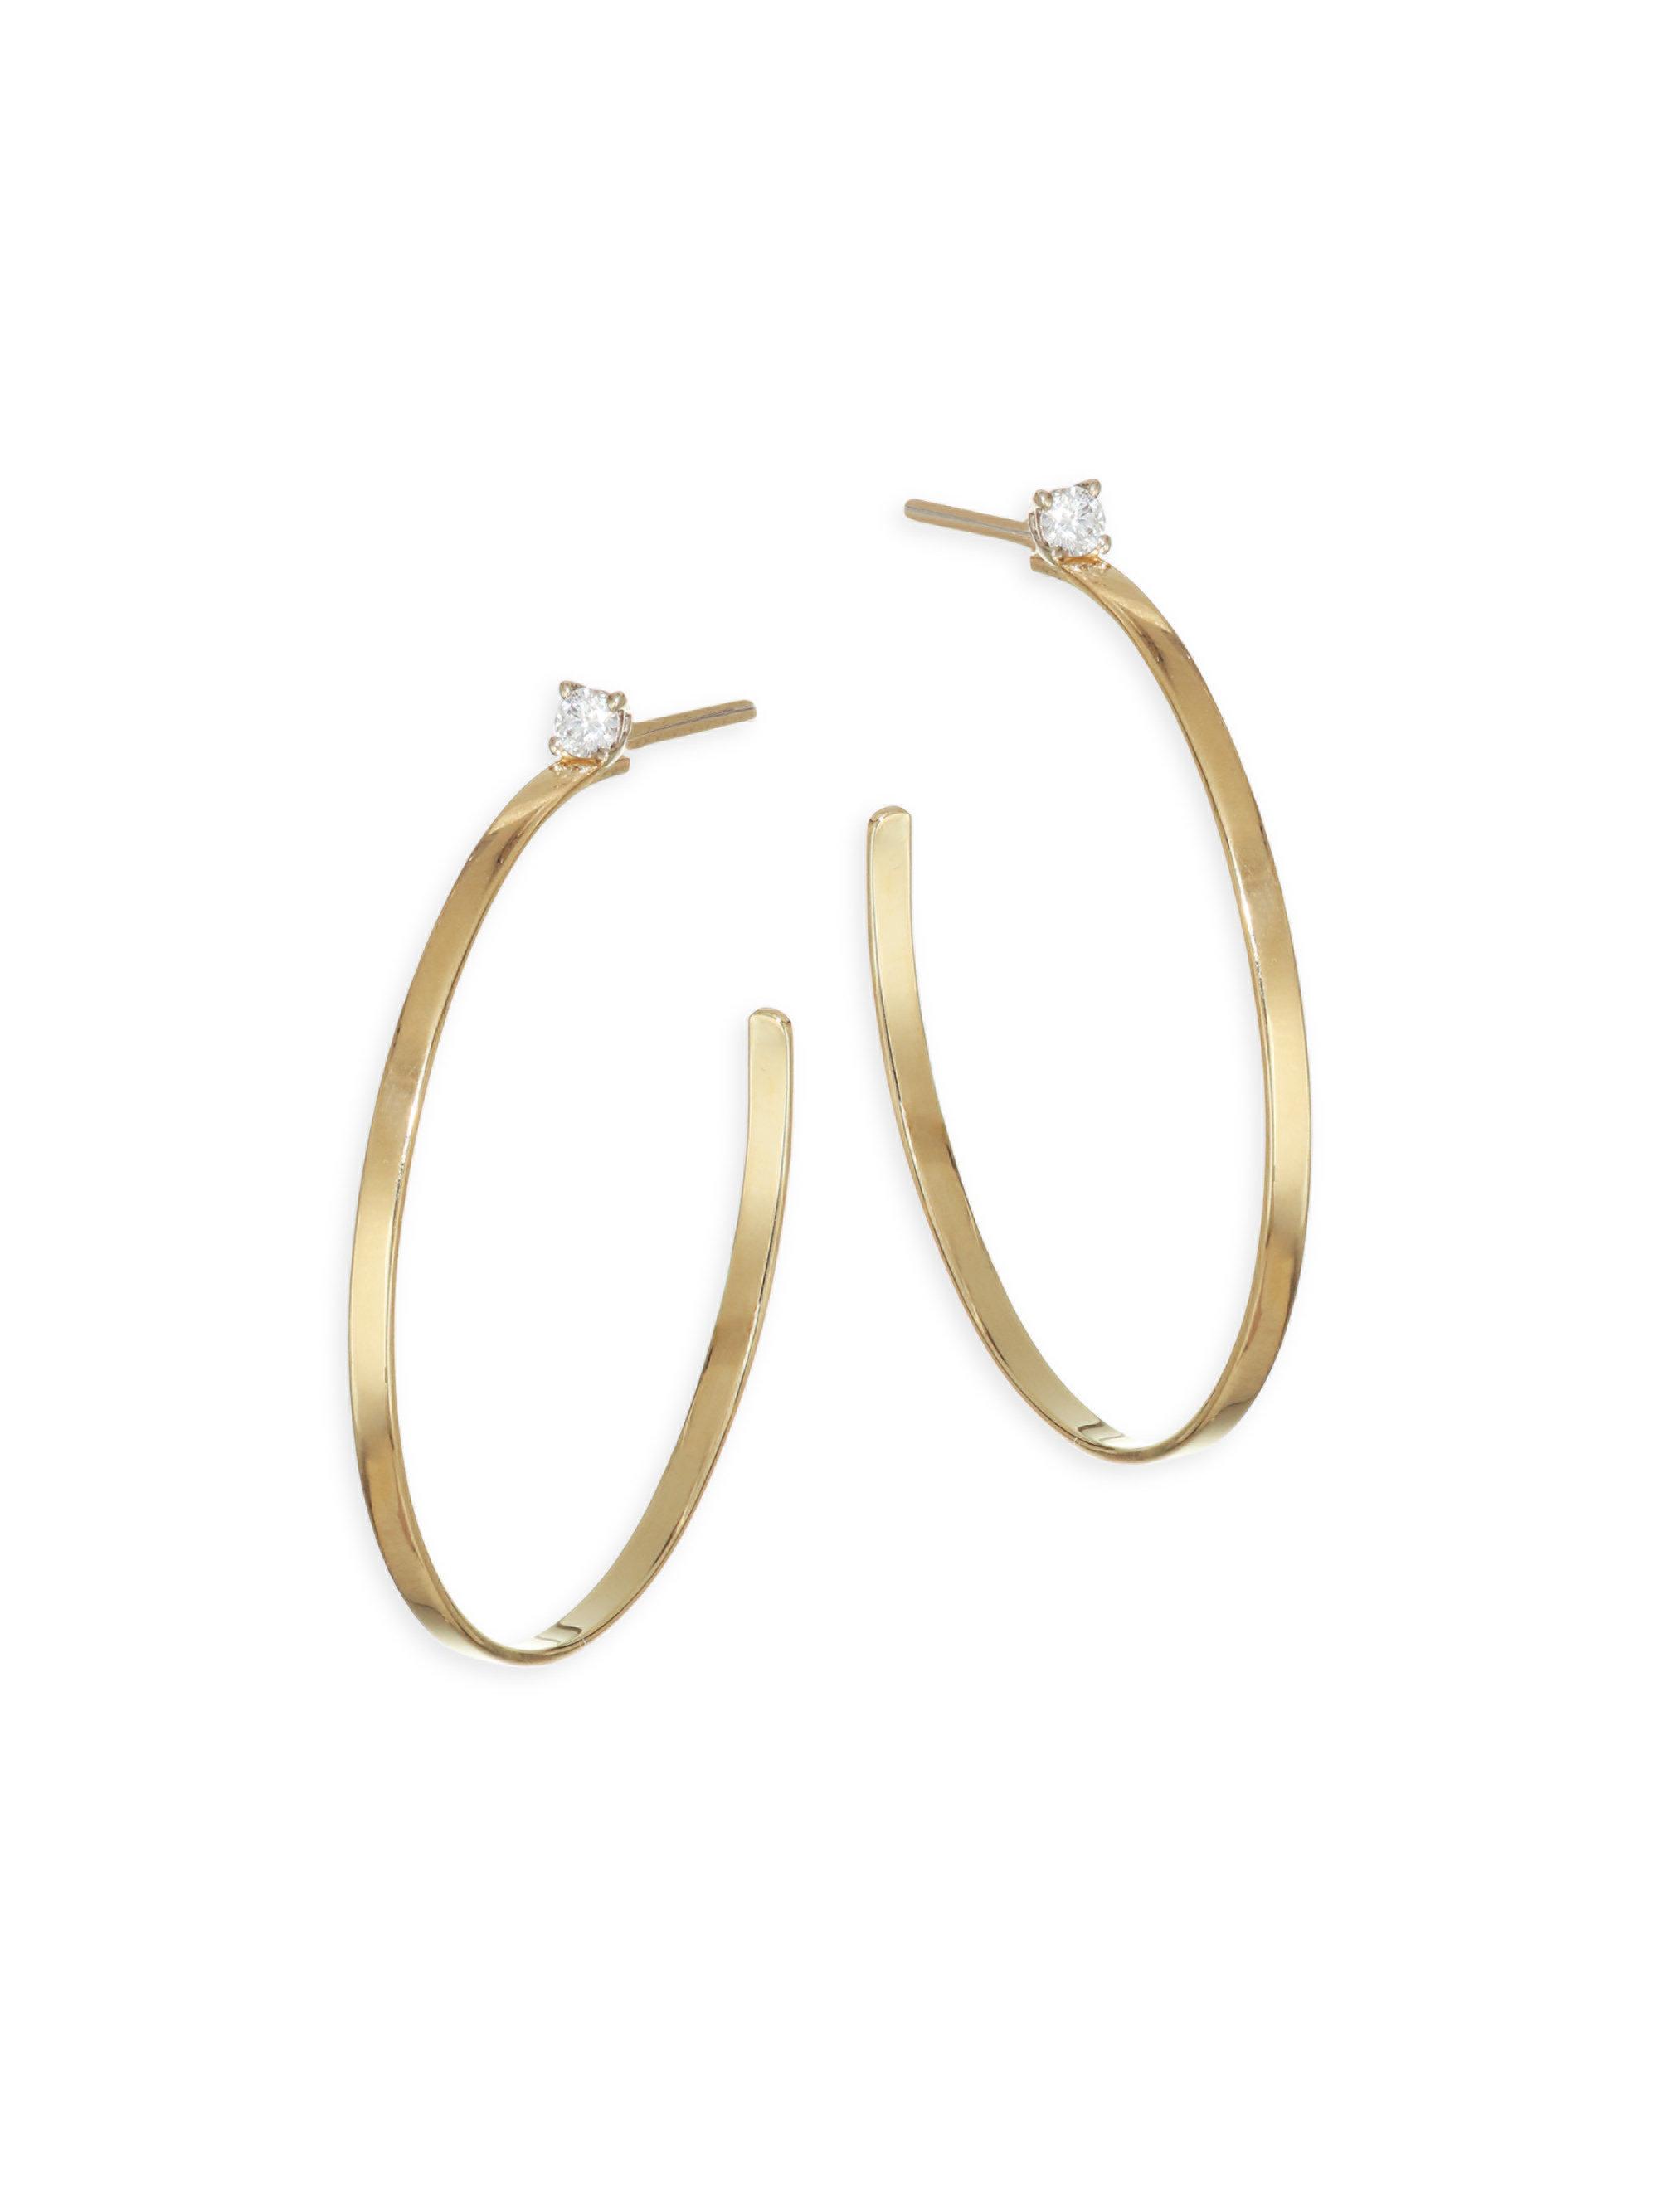 Lana Jewelry Women S Metallic Sunrise Diamond Post Hoop Earrings